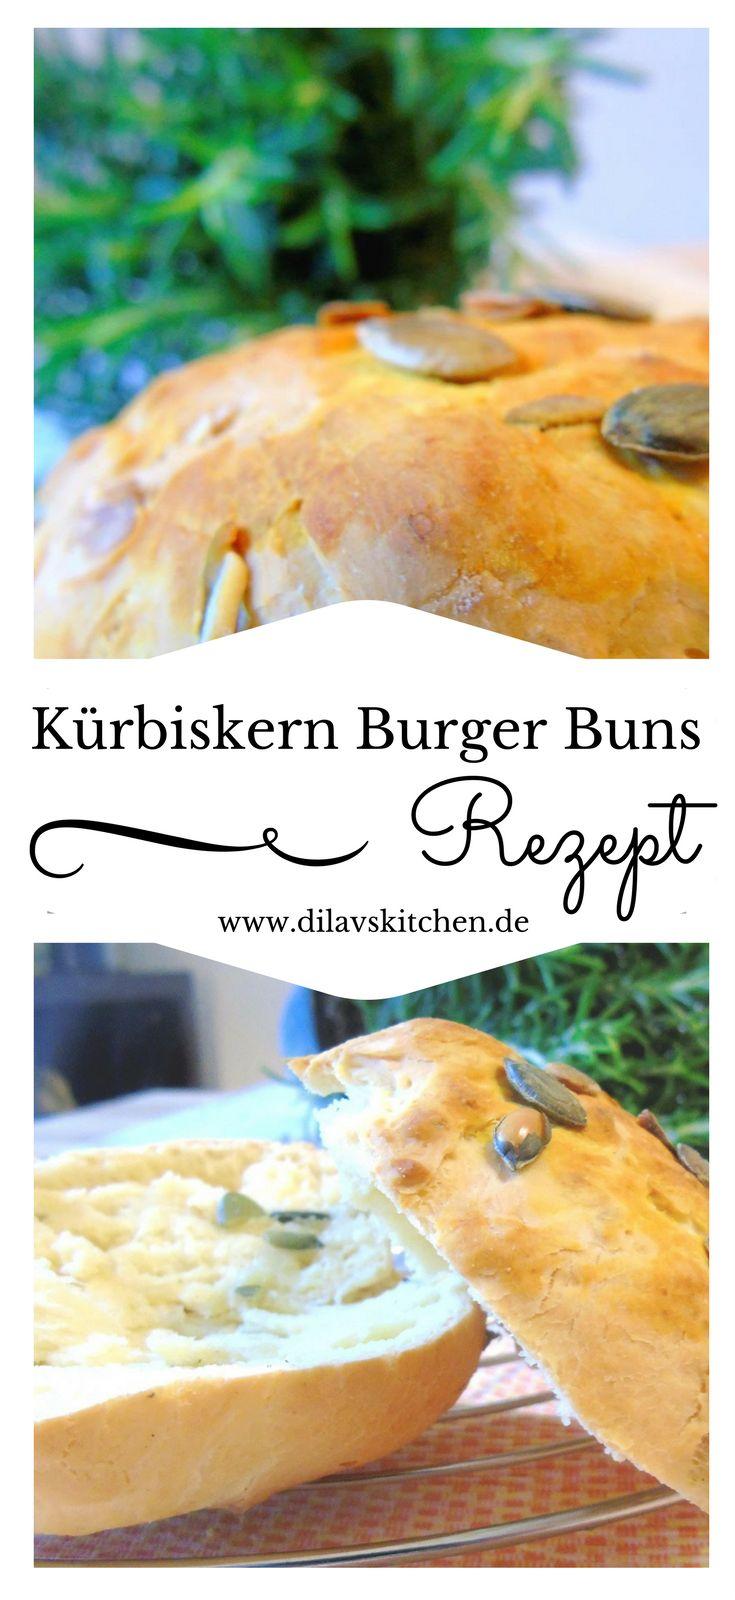 Brioche Burger Buns sind die Krönung für jeden Burger? Dann musst du unbedingt diese Kürbiskern Burger Buns ausprobieren. Die lassen garantiert jedes Burgerloverherz höher schlagen. Hol dir jetzt das Rezept auf www.dilavskitchen.de #brot #brötchen #rezept #foodblog #backen #buns #burger #burgerbuns #kürbiskern